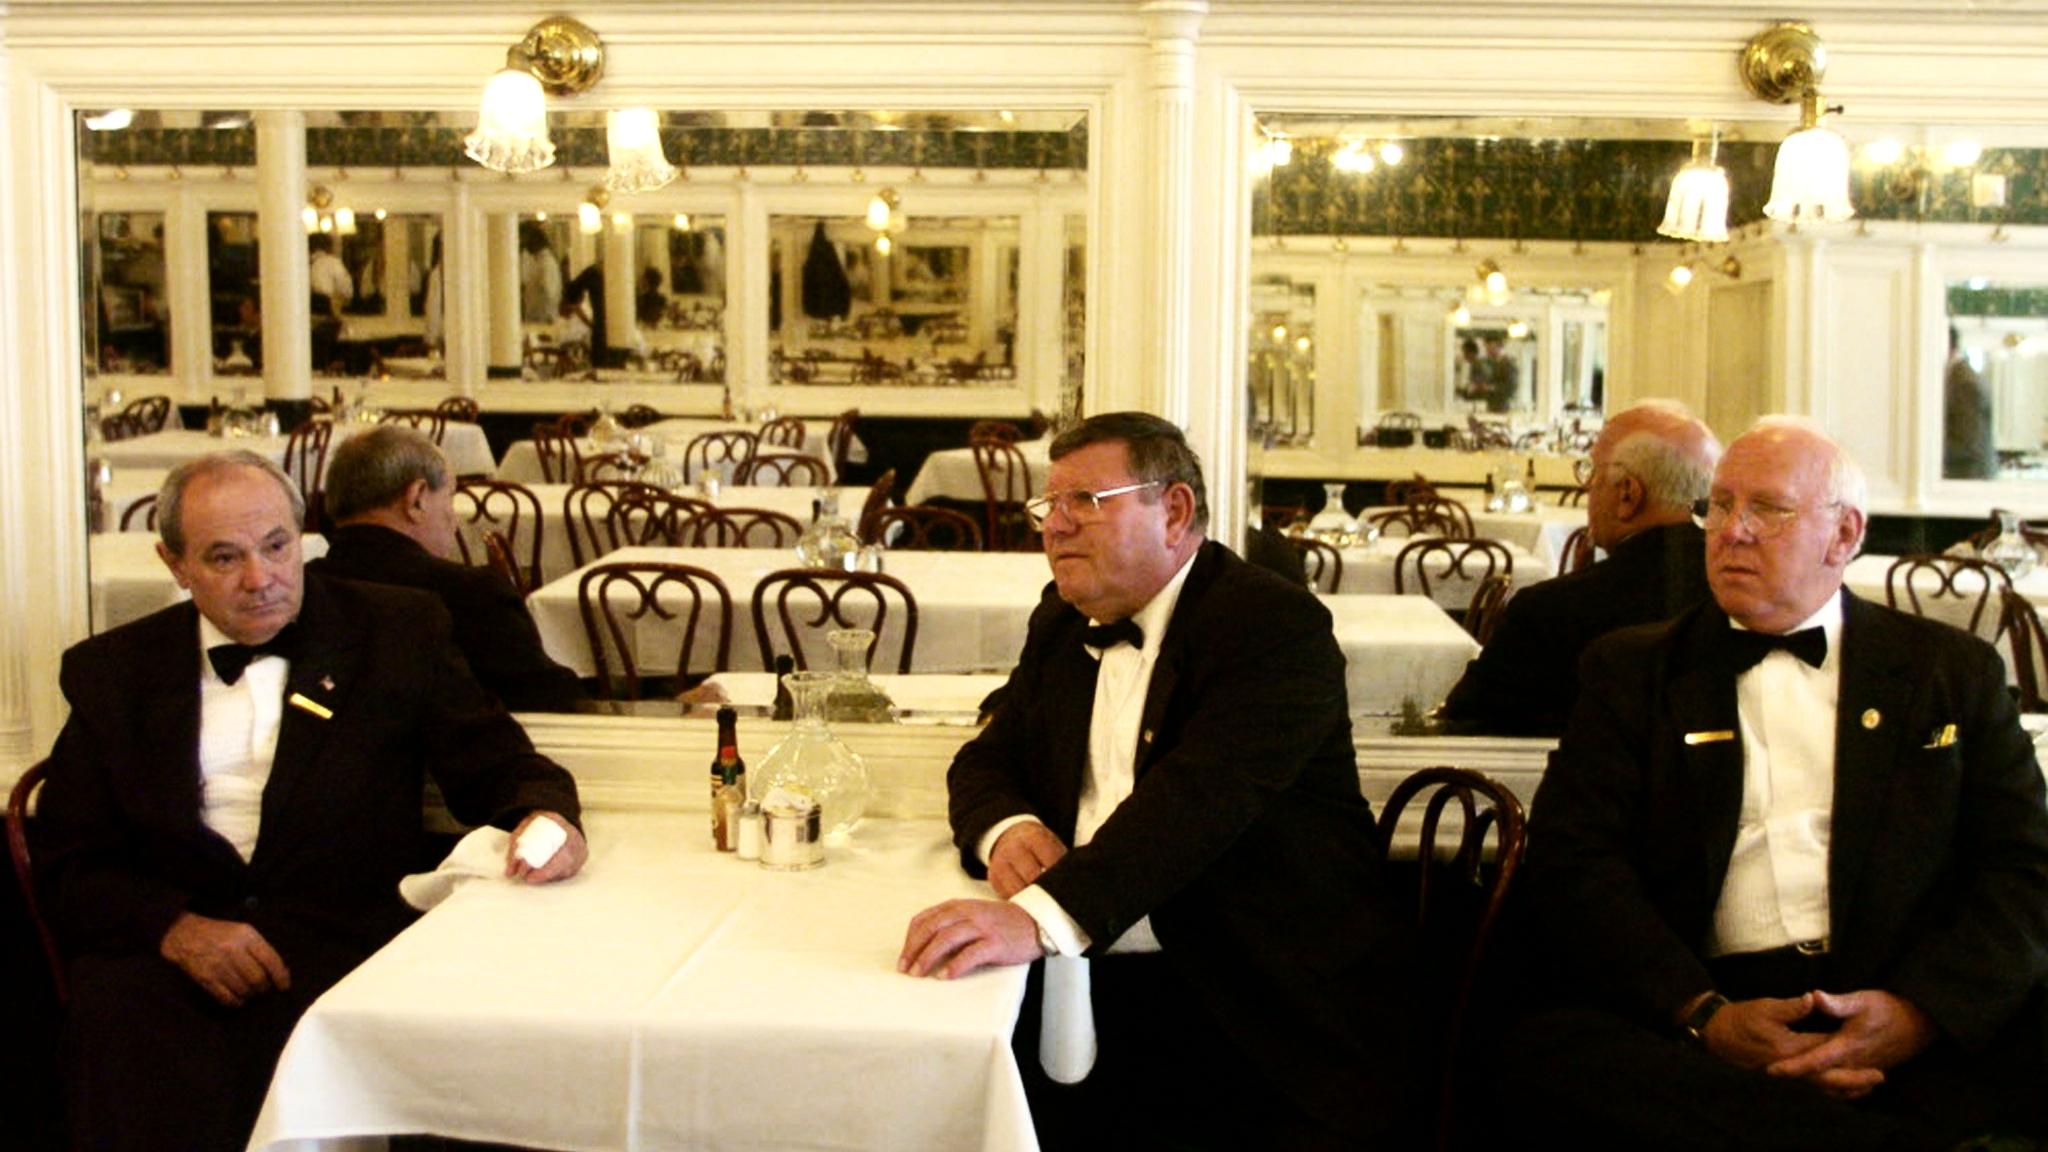 Photo via nola.com